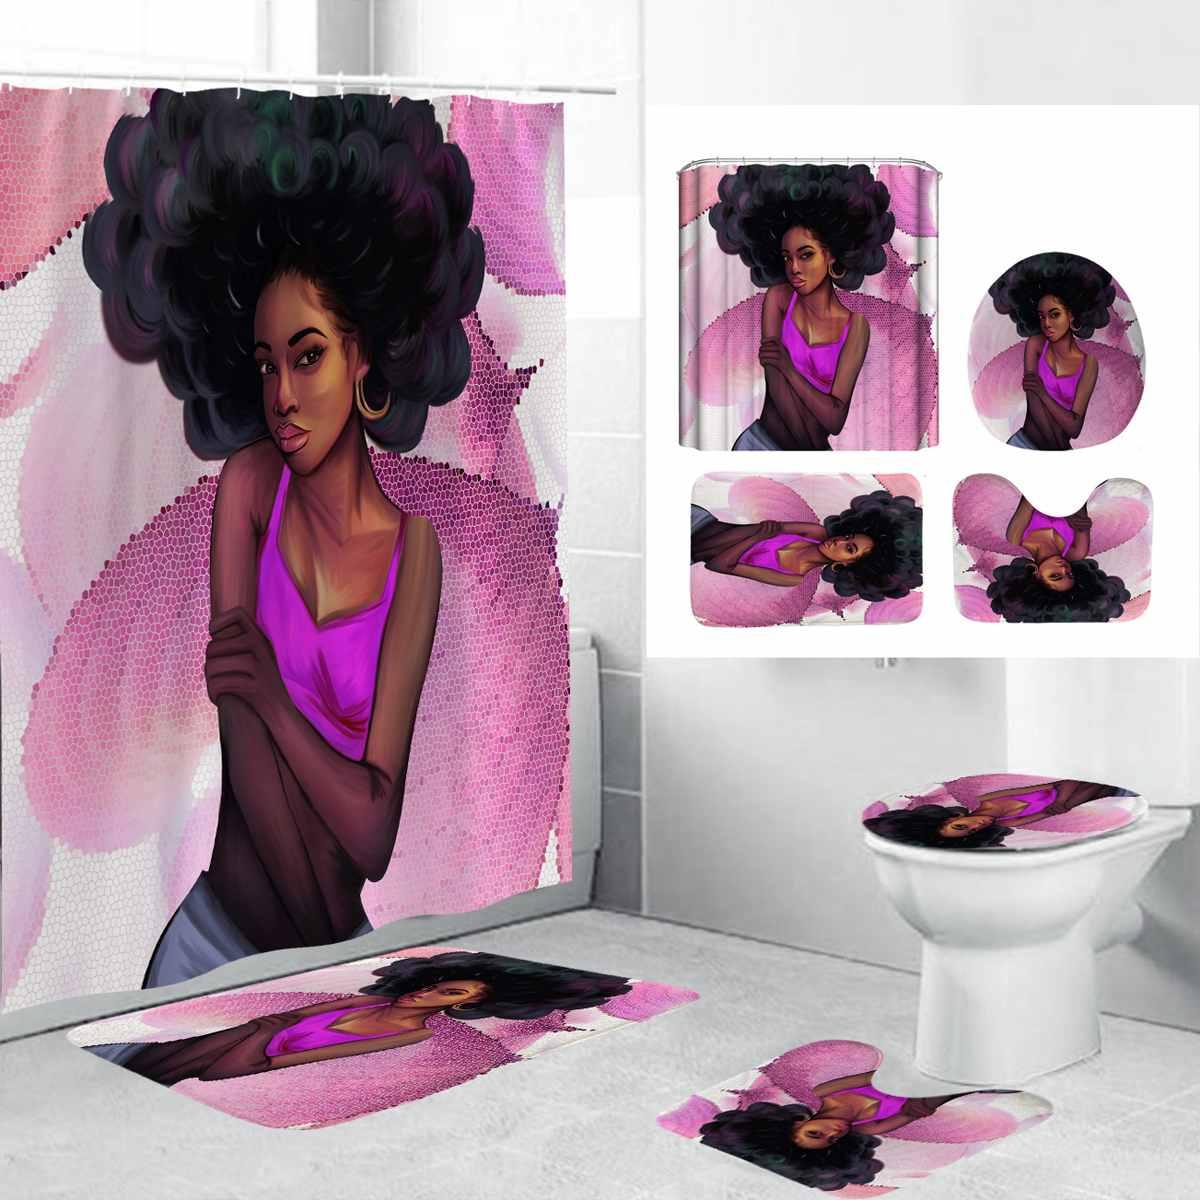 Juego de alfombrillas de baño de 180x180cm, cortina de ducha africana para mujer y niña, cortina de poliéster, alfombrilla de suelo para asiento de inodoro Con Pedestal para Baño